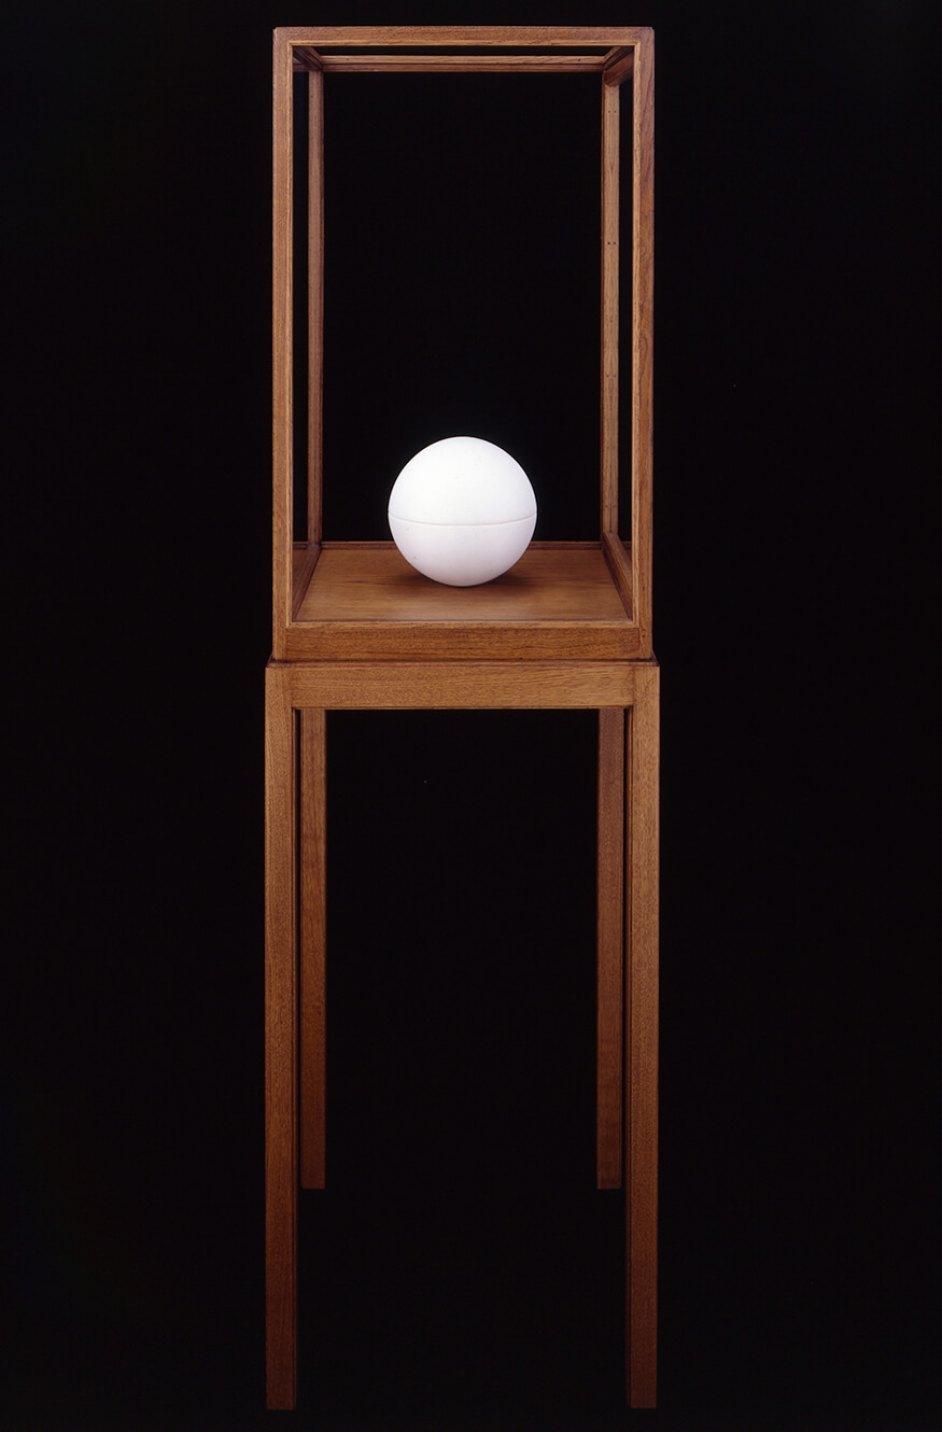 James Lee Byars<em>, The Spherical Book,</em>1989,marble,21 cm ø - Mendes Wood DM